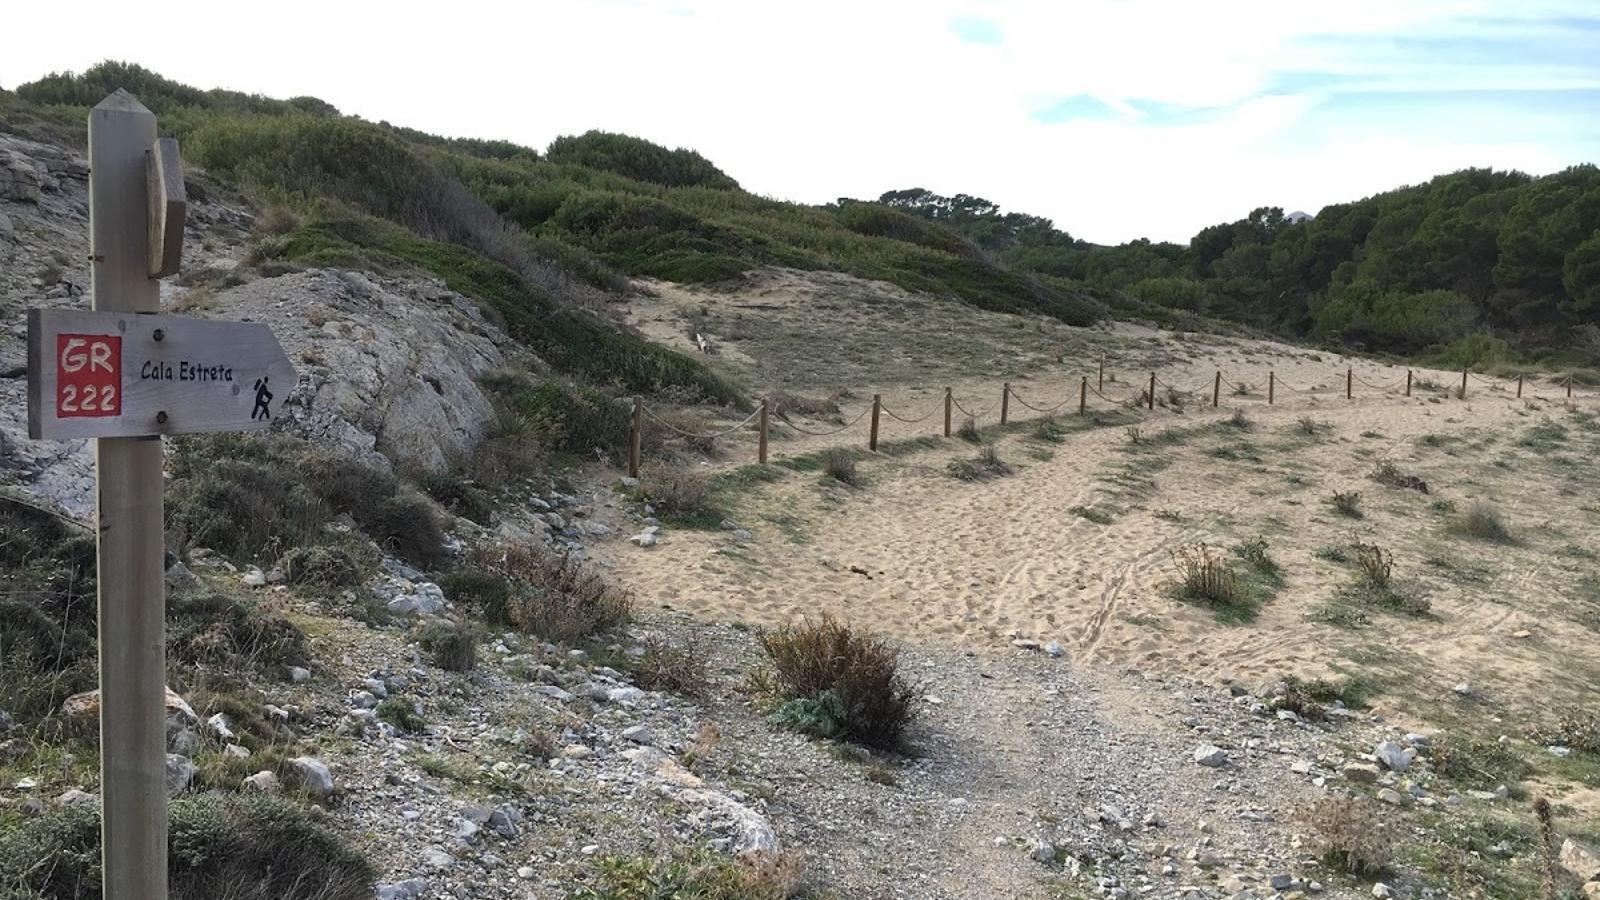 El cordat de Cala Mitjana estava abans molt prop de les dunes amb vegetació, deixant al marge la zona degrada i que s'havia perdut.